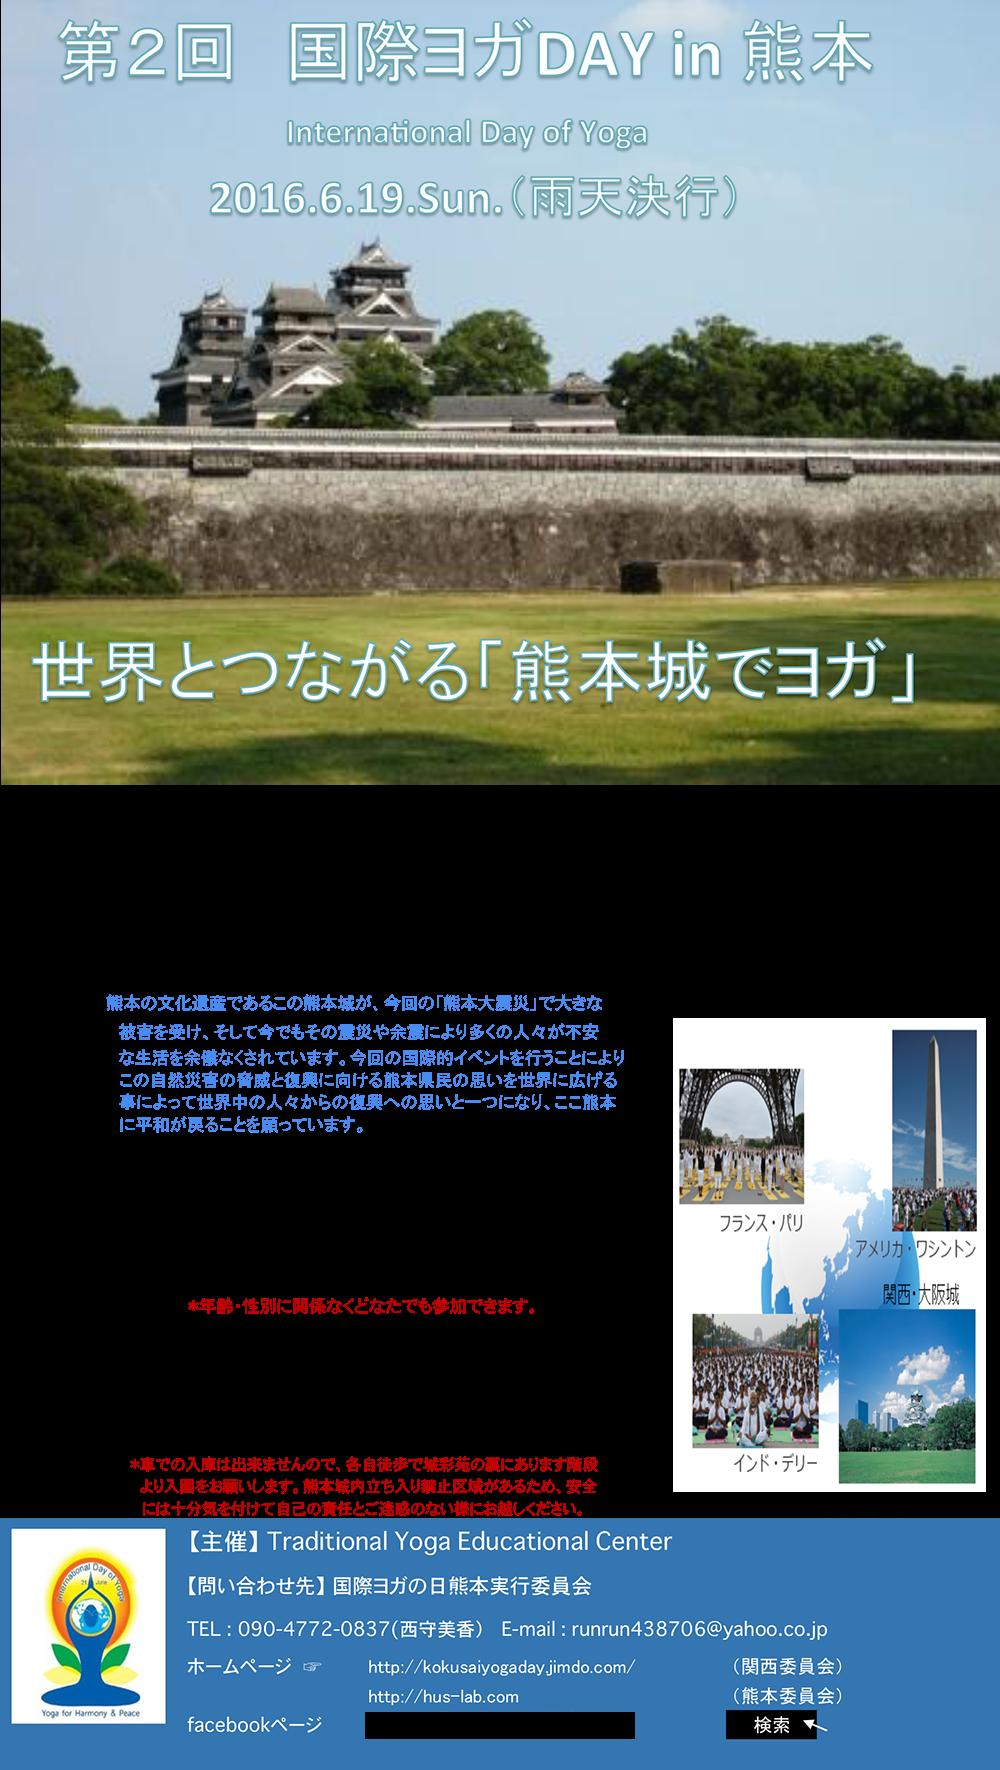 第二回 国際ヨガDAY in熊本